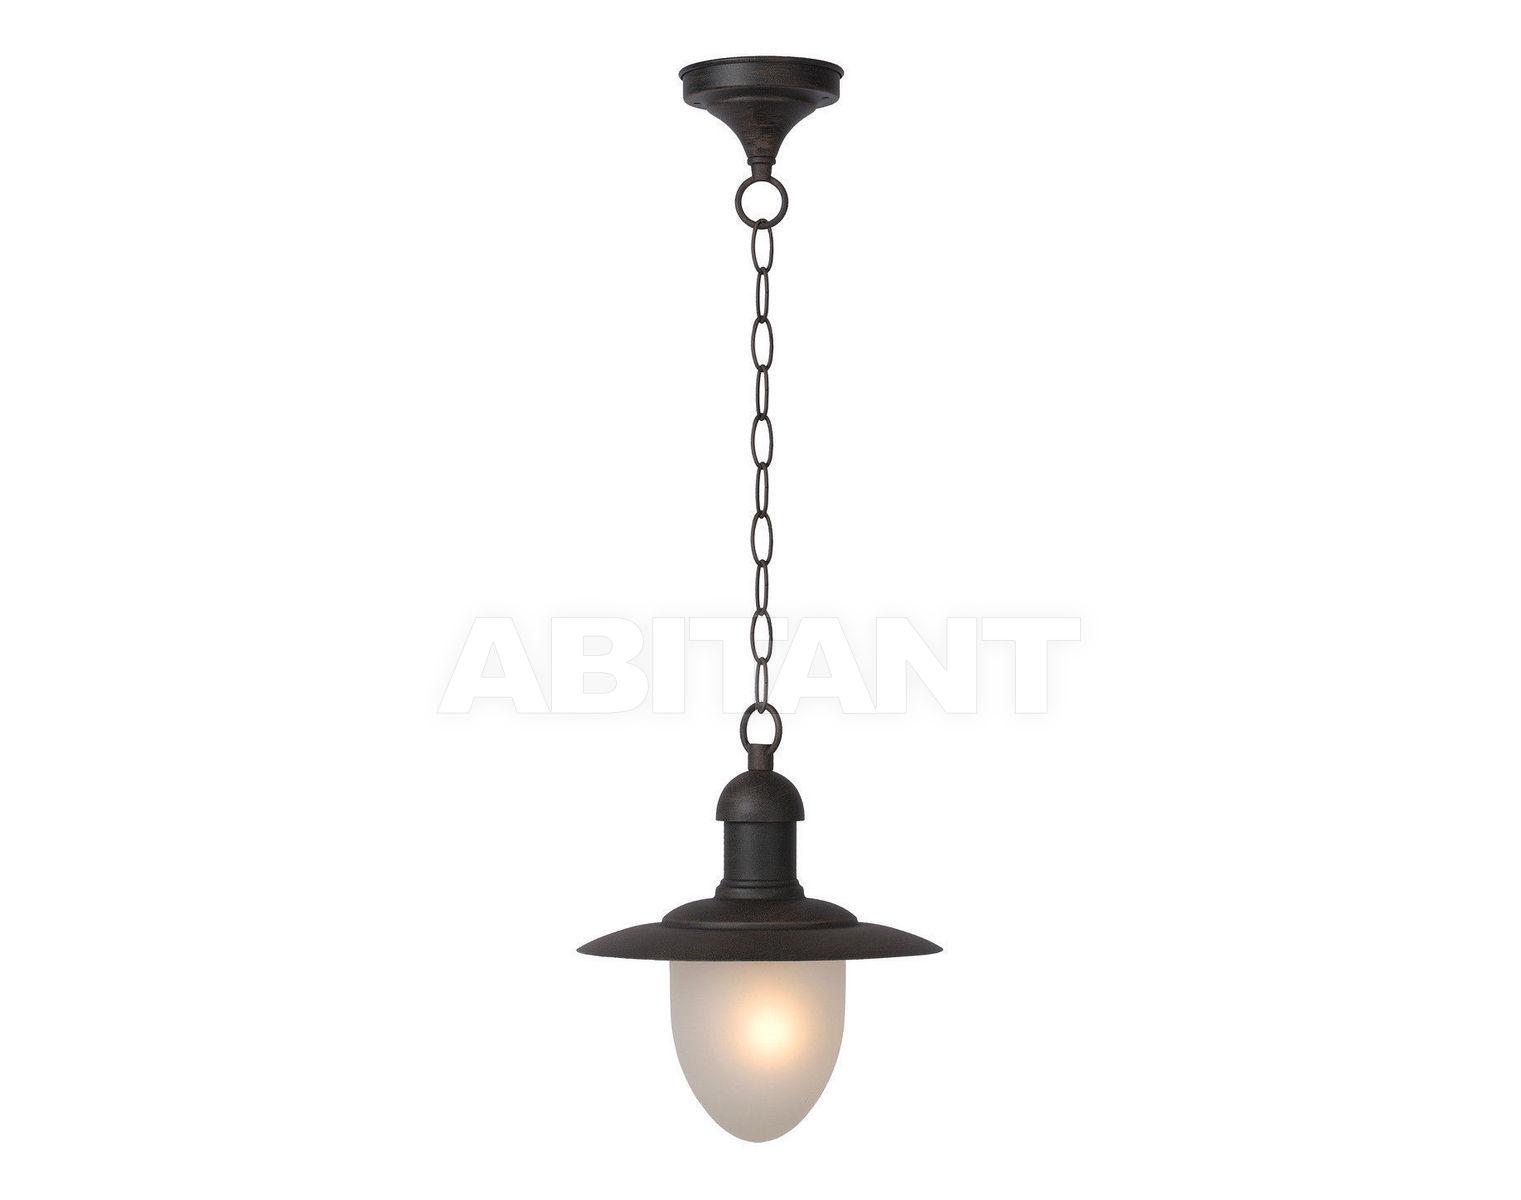 Купить Подвесной фонарь Lucide  Outdoor 2013 11872/01/97